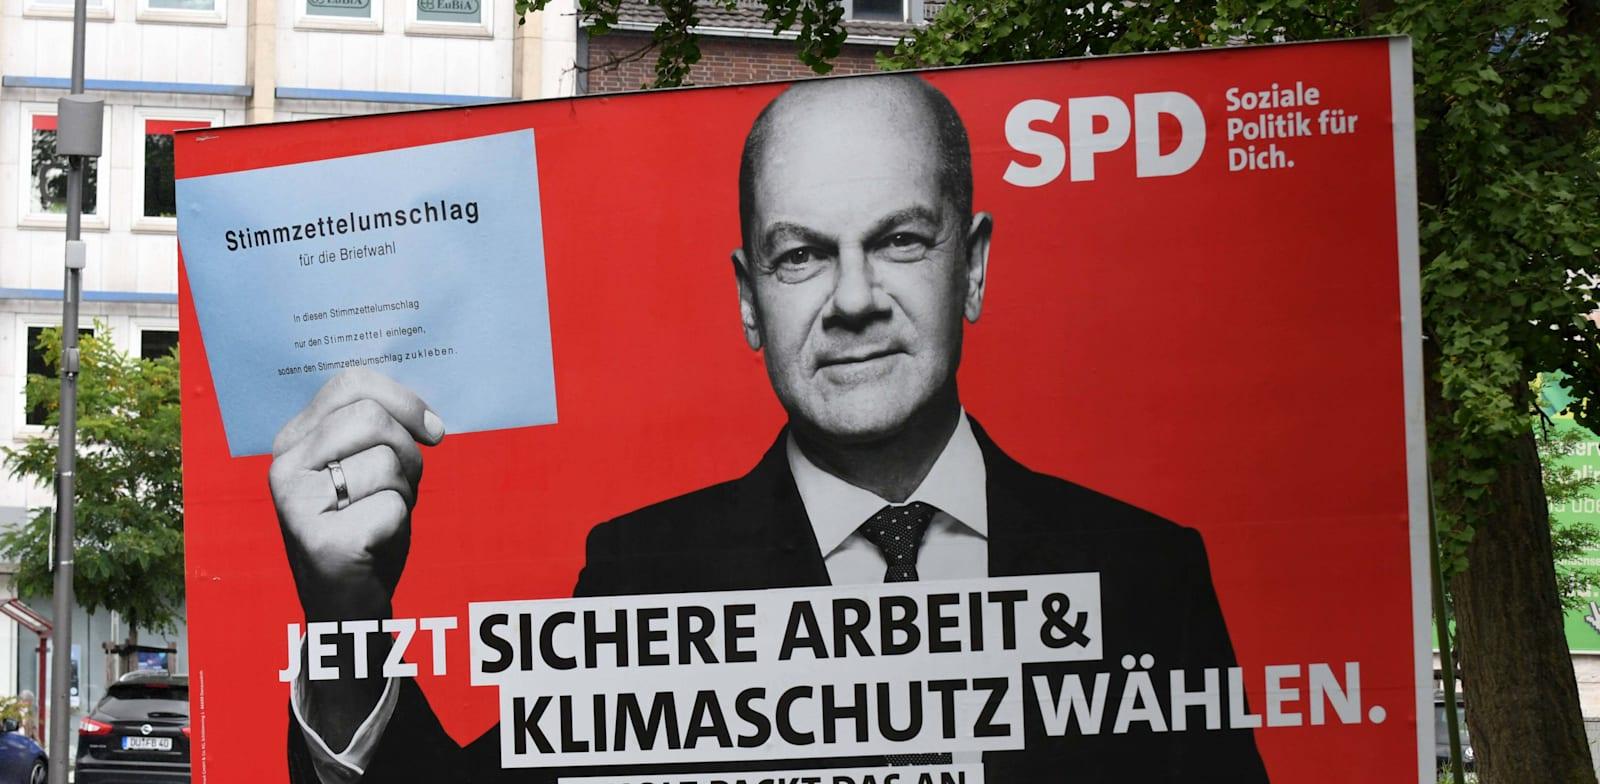 שלט של מועמד ה־SPD, אולף שולץ. ''הגיע הזמן לביטחון תעסוקתי והגנה על האקלים'' / צילום: Reuters, KH via www.imago-images.de